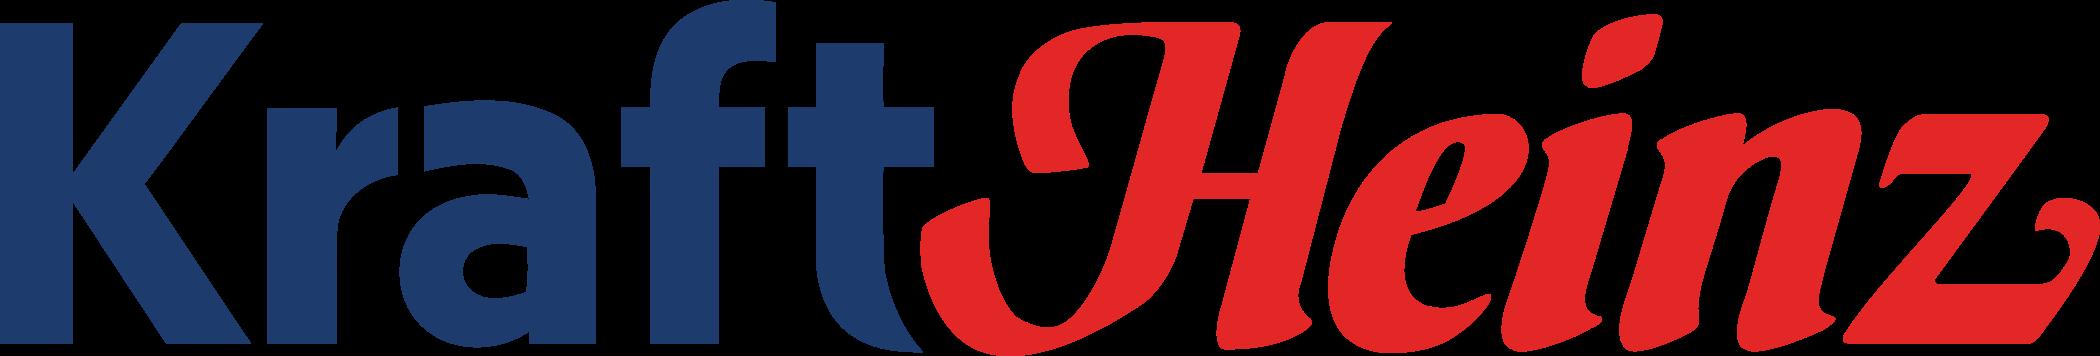 kraft heinz logo 1 - Kraft Heinz Logo